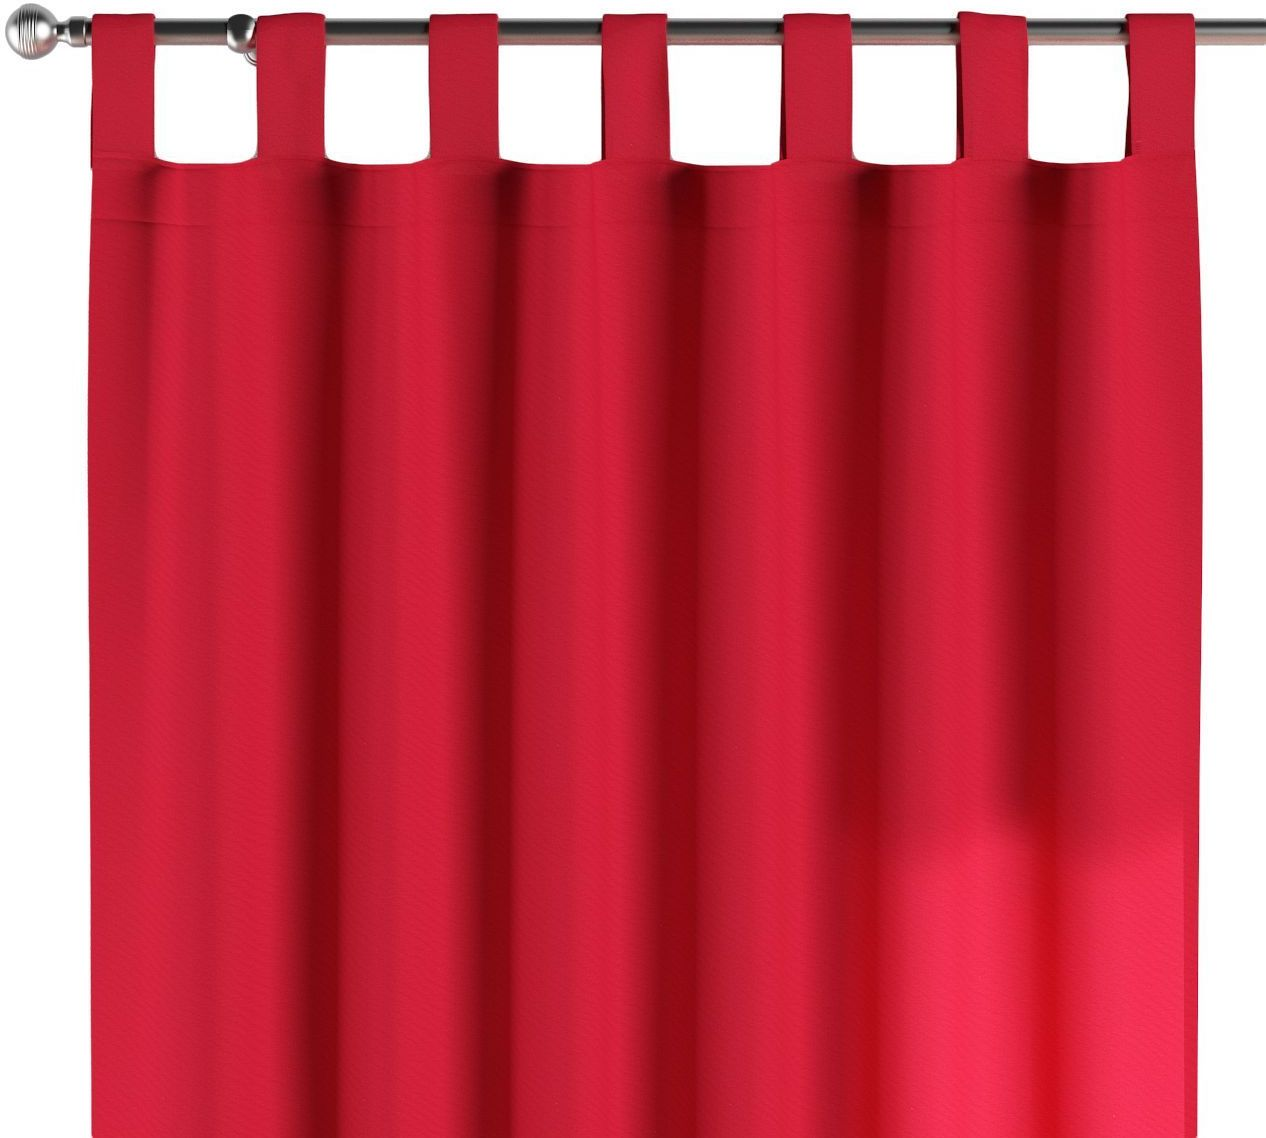 Zasłona na szelkach 1 szt., czerwony, 1szt 130  260 cm, Quadro